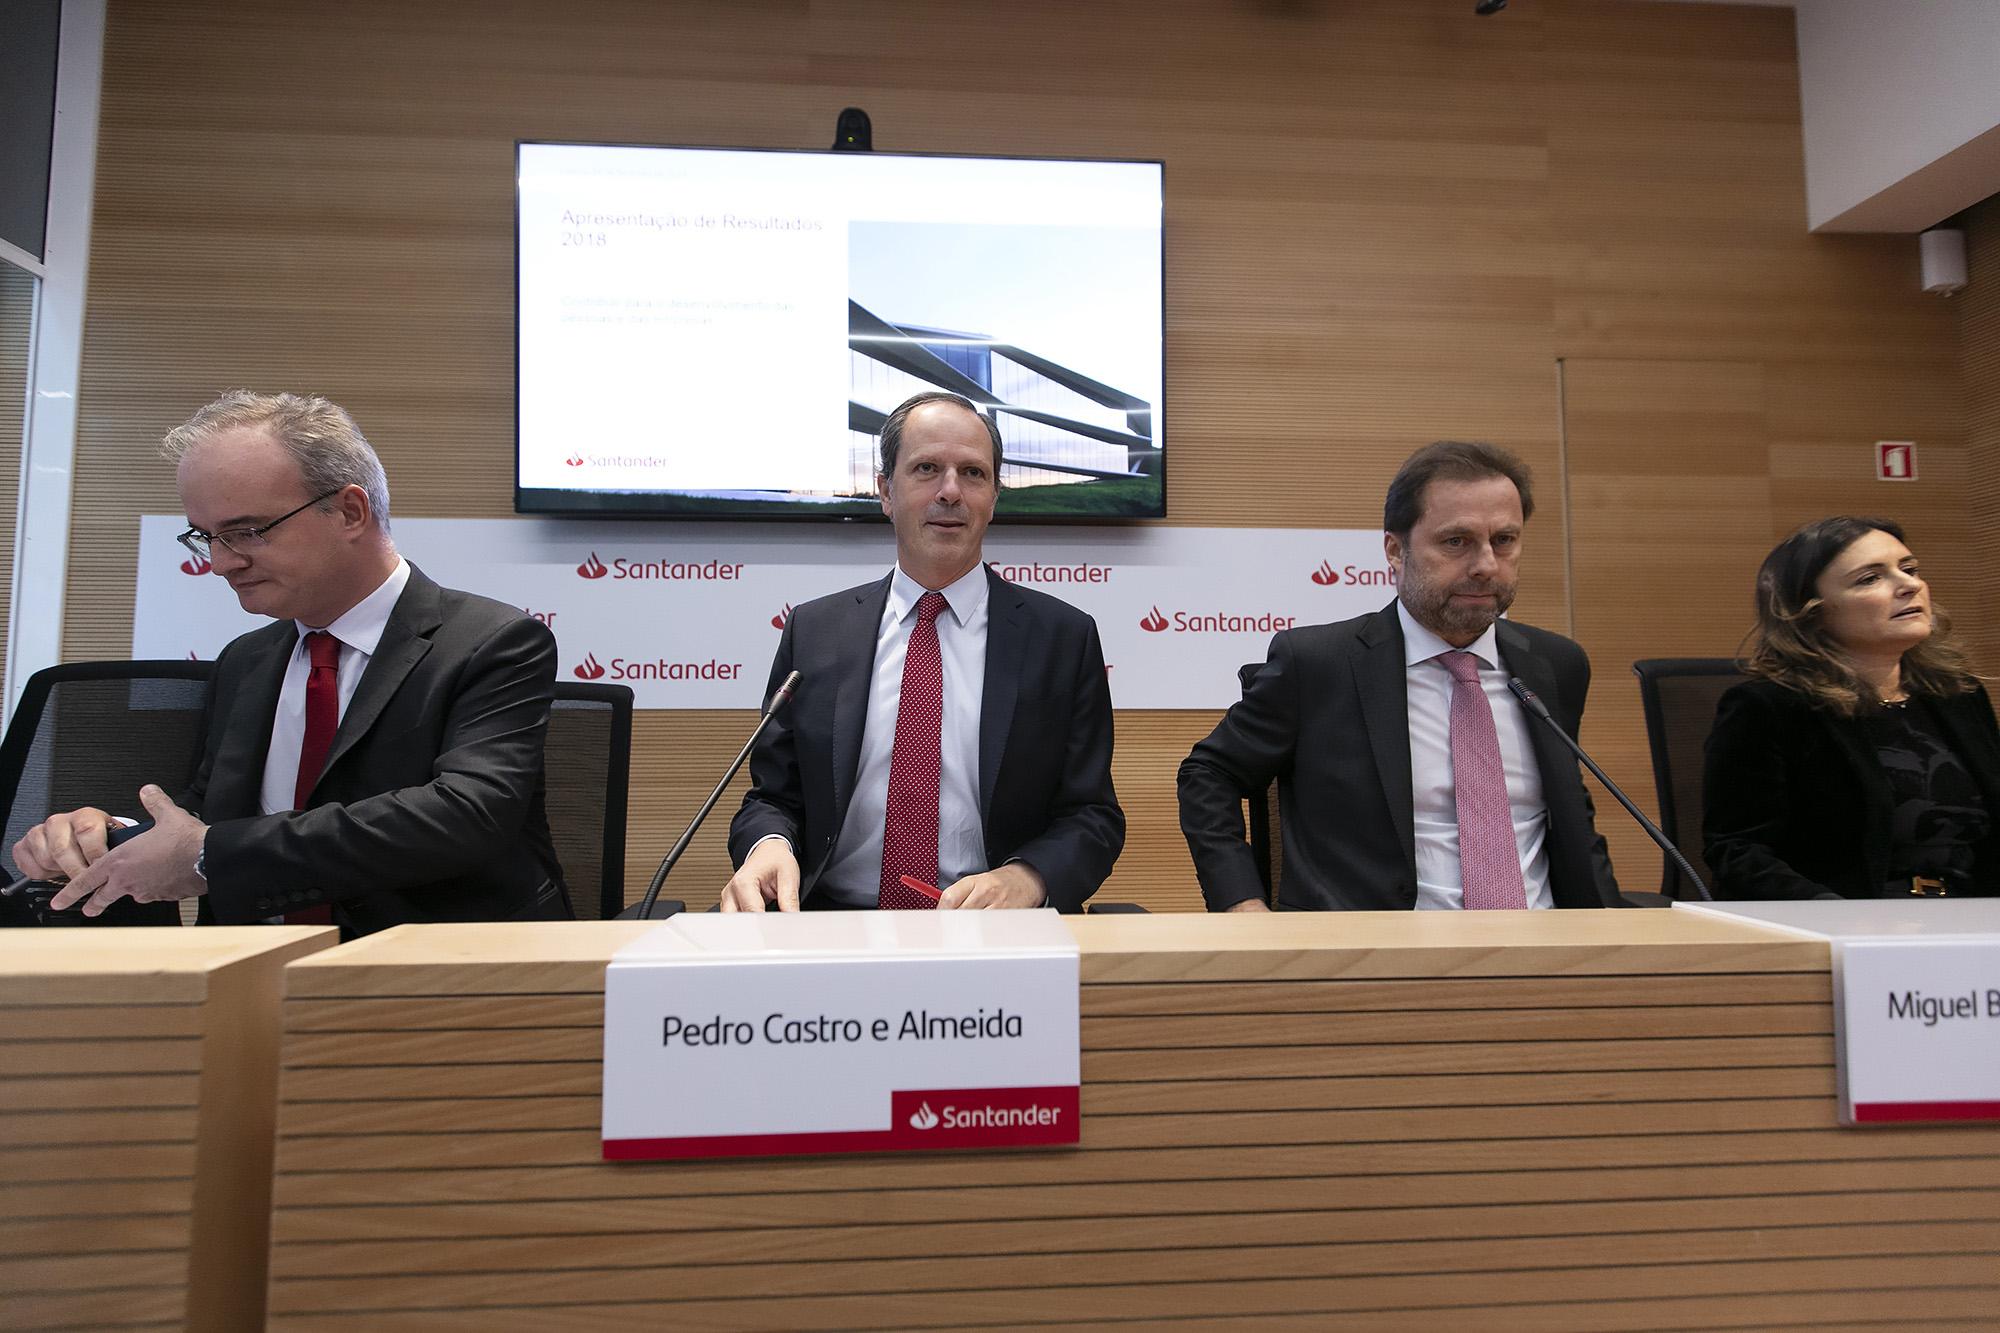 Apresentação de resultados do Santander Totta - 04FEV19